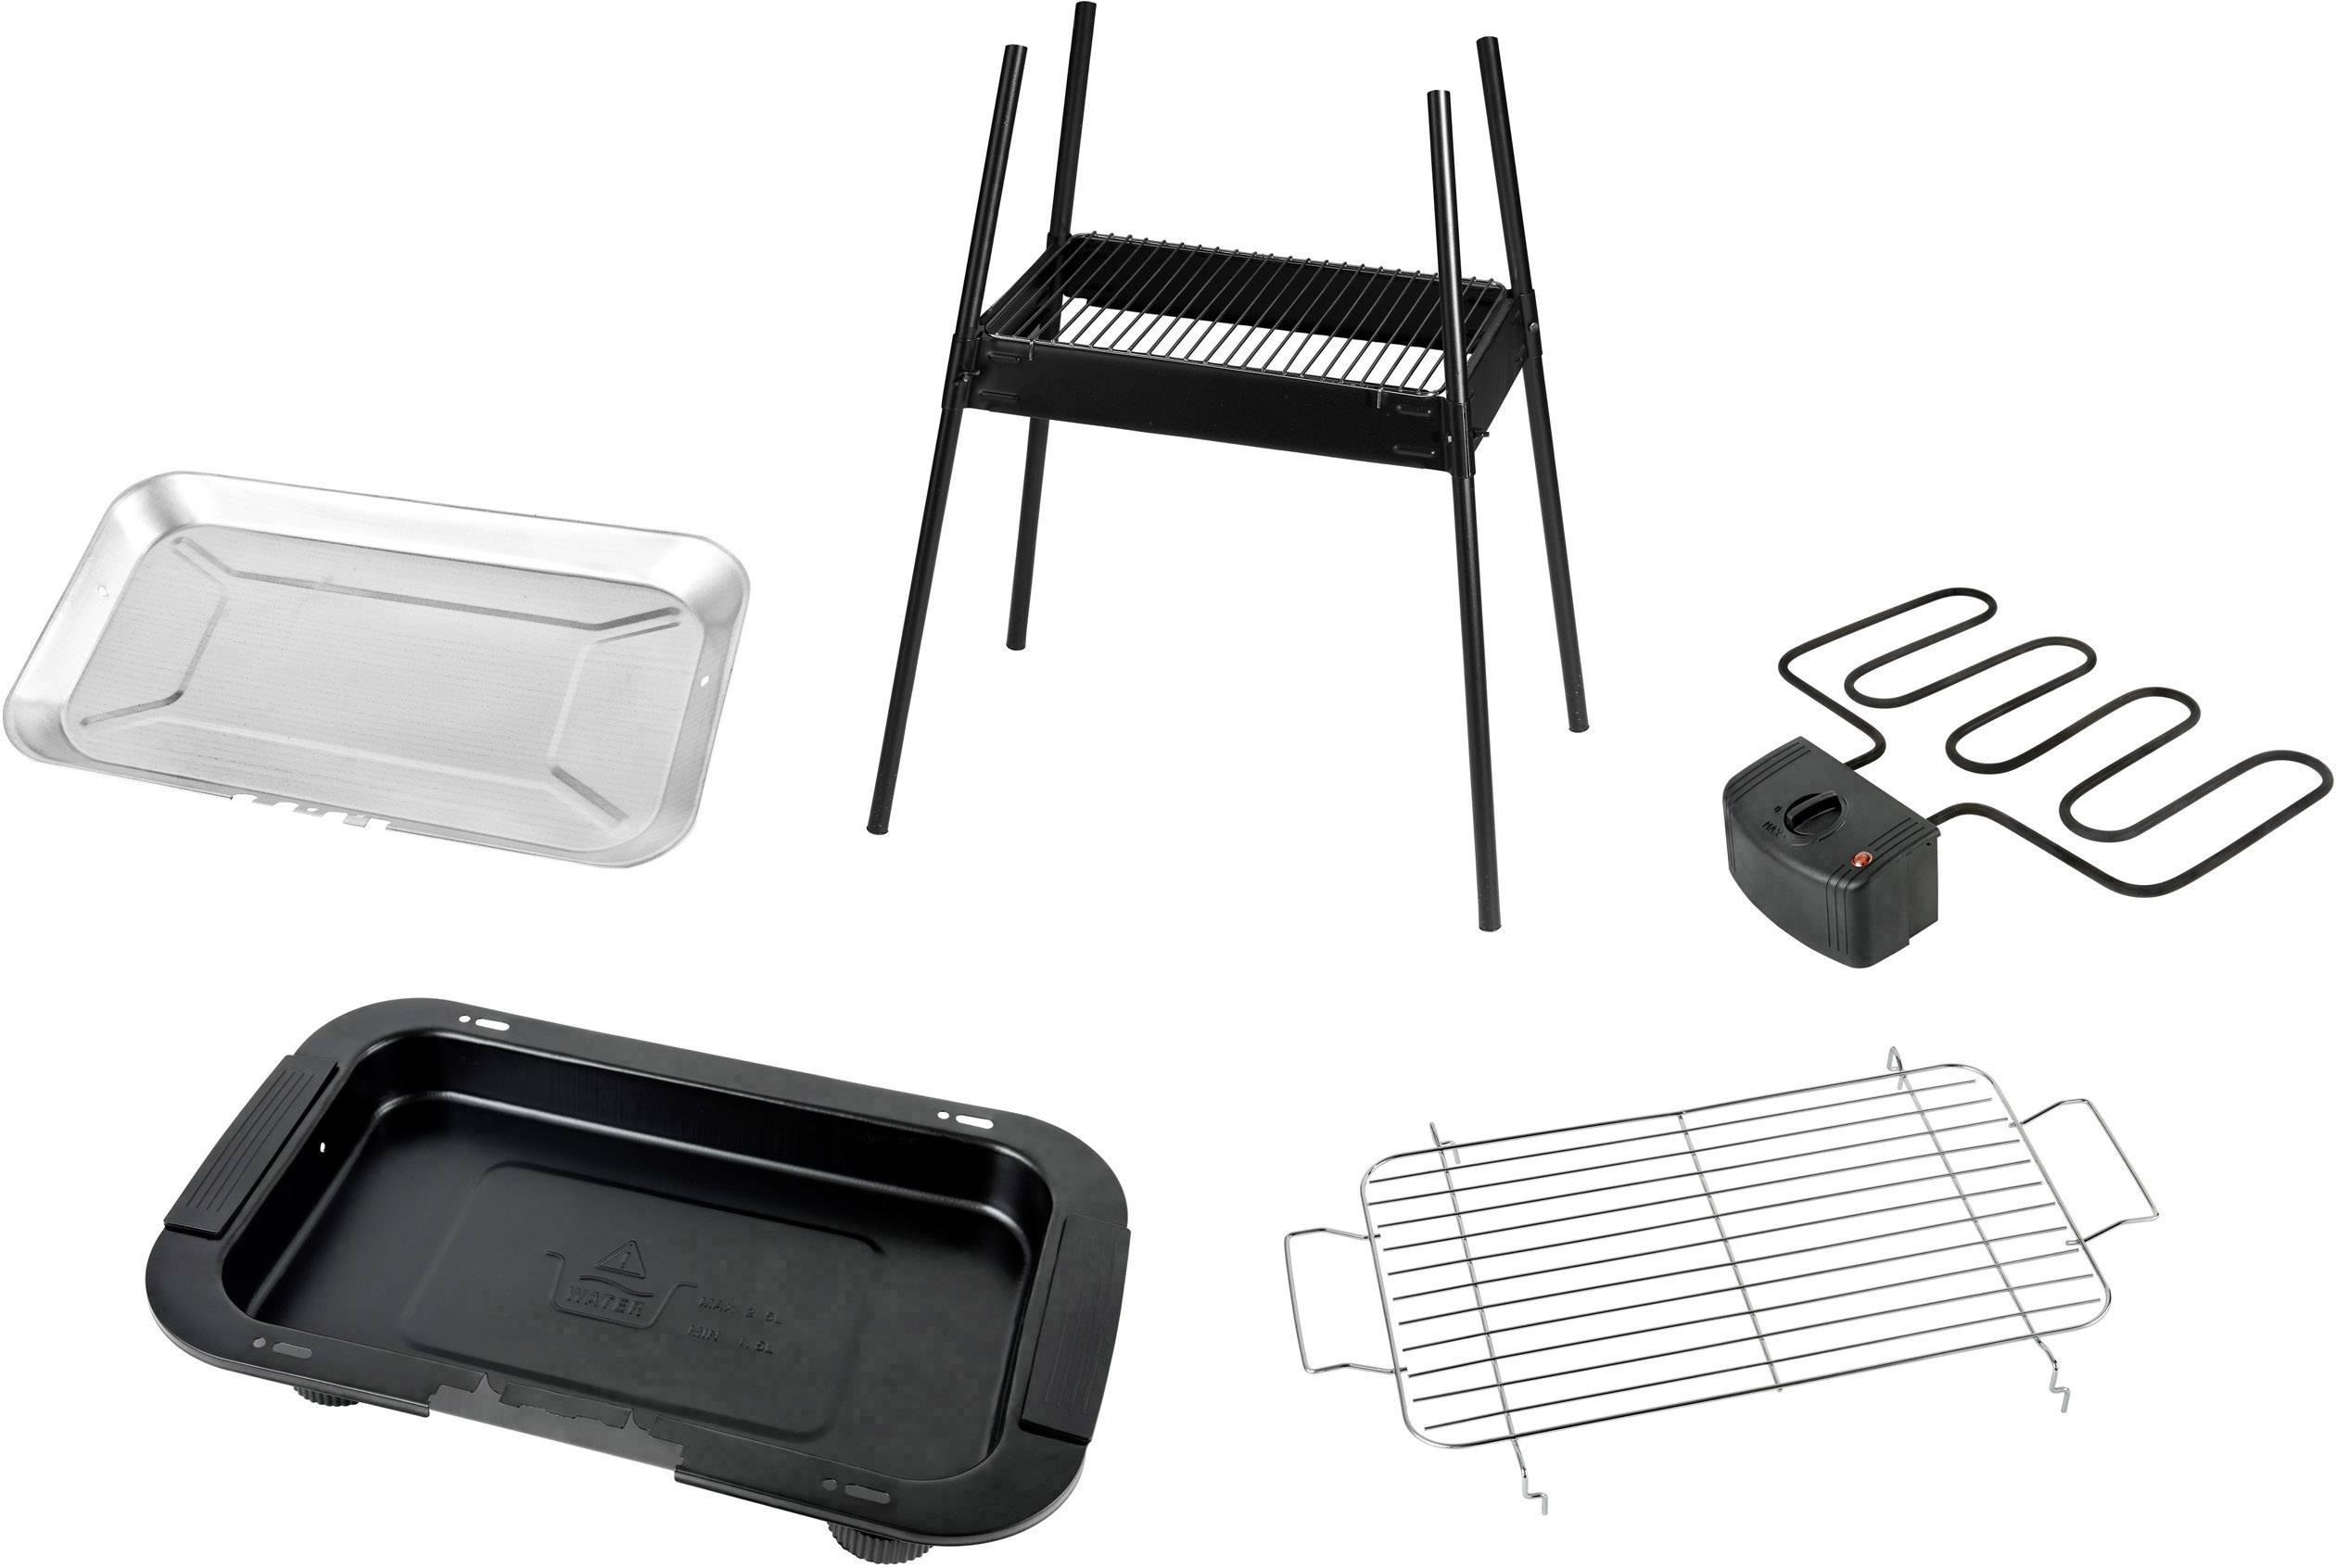 2-i-1 elektrisk bords- och stågrill TKG Rörbandsslip GRB 1002 bc75f33cefd0e